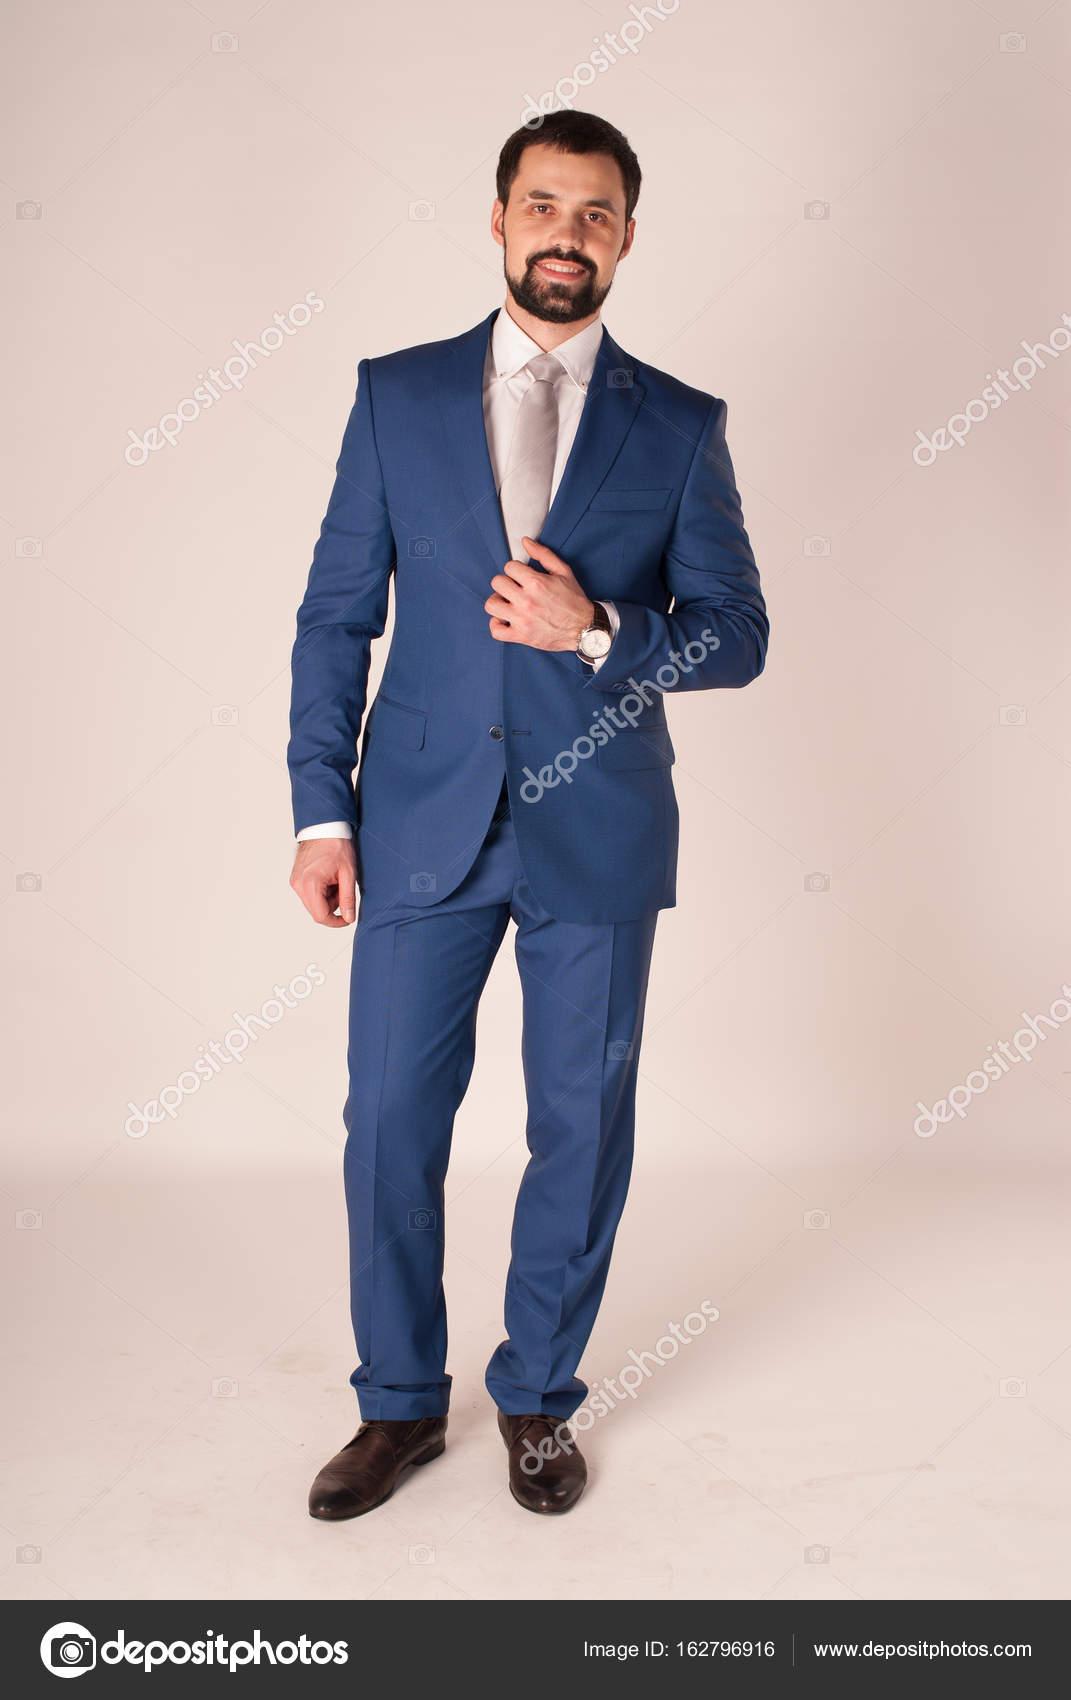 d38cb4ff3b4f1 Élégance et style. Portrait de jeune homme porter smoking et une ...